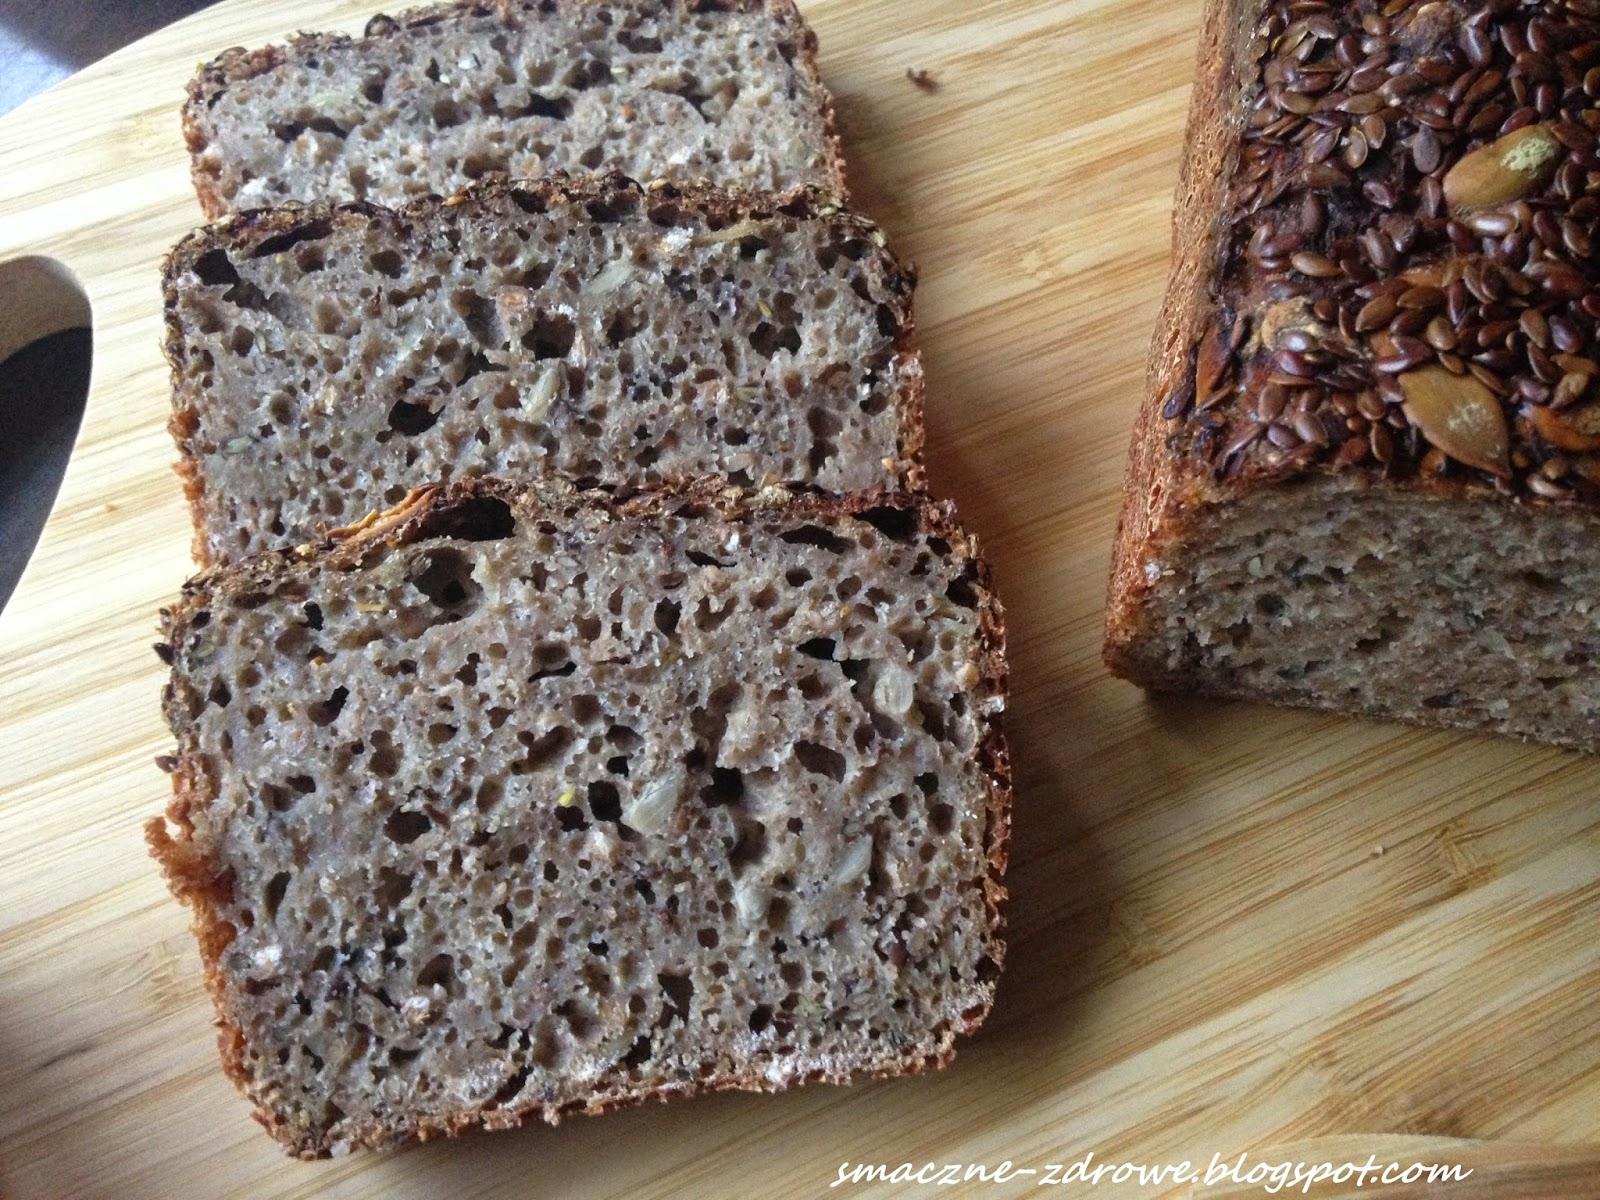 Czy chleb tuczy? Rozmawiamy z dietetykiem. [Kromka chleba - ile ma kalorii?]